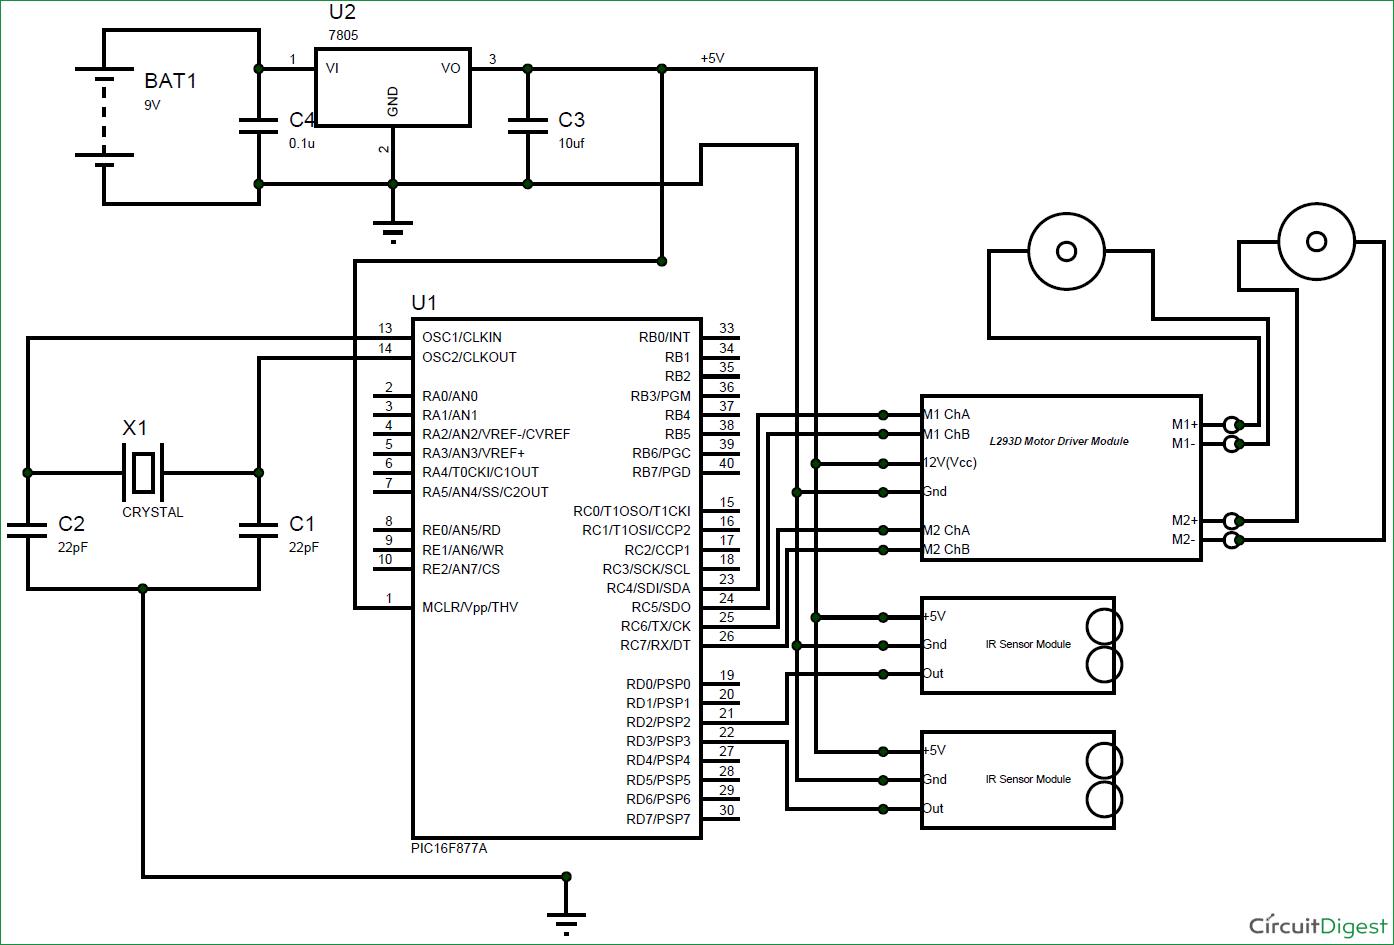 circuit diagram maker [ 1394 x 945 Pixel ]